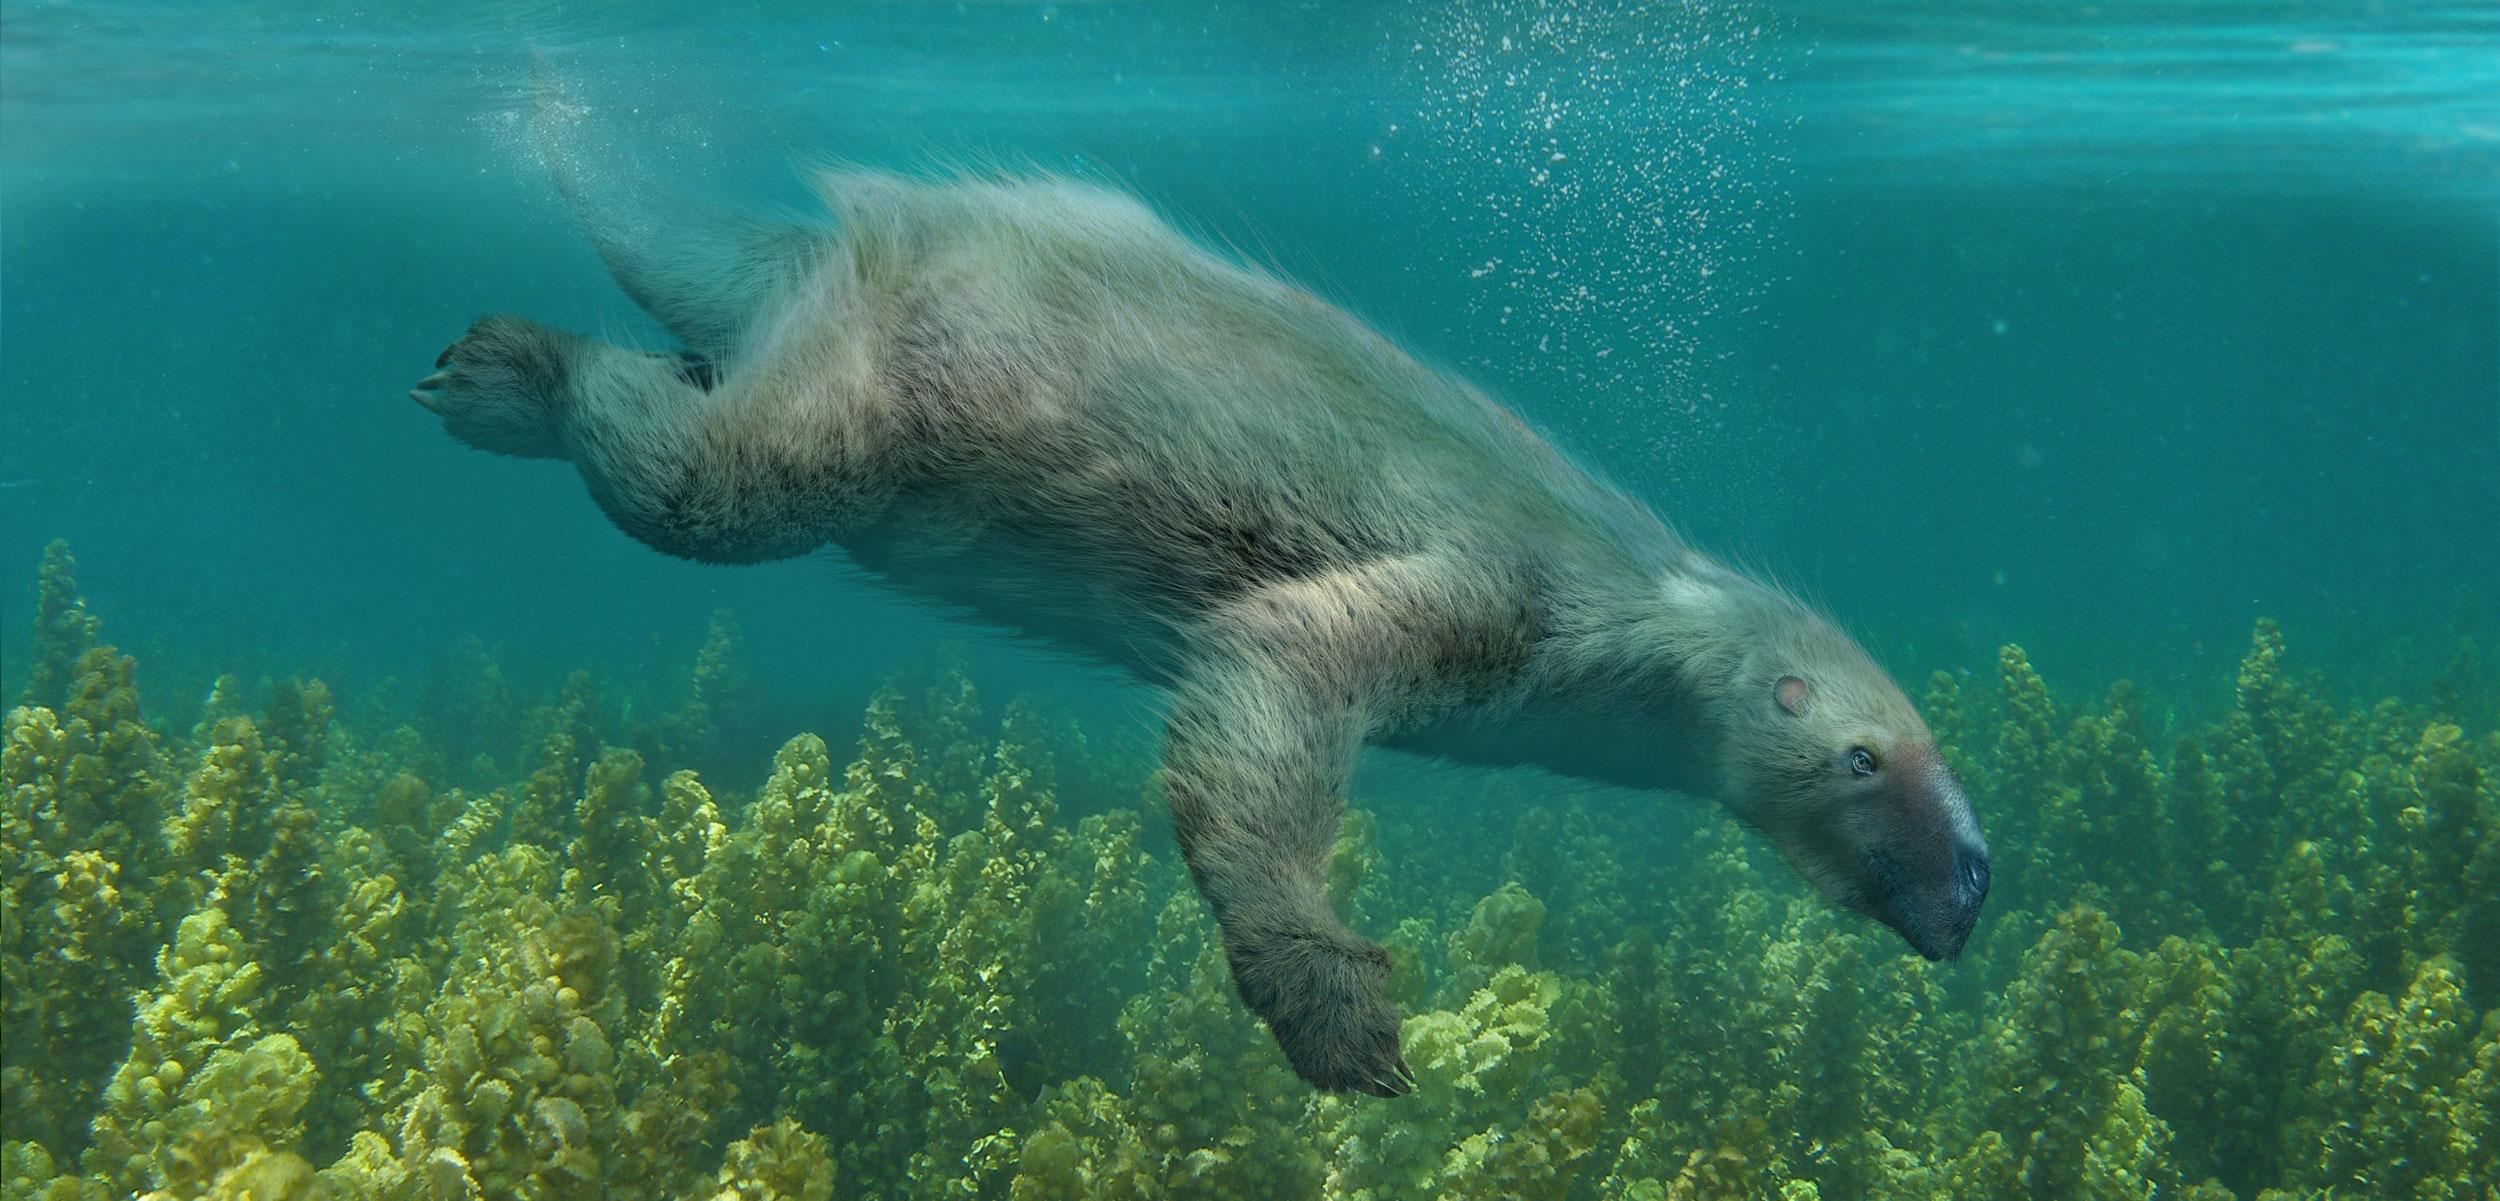 rendering of a Thalassocnus sloth